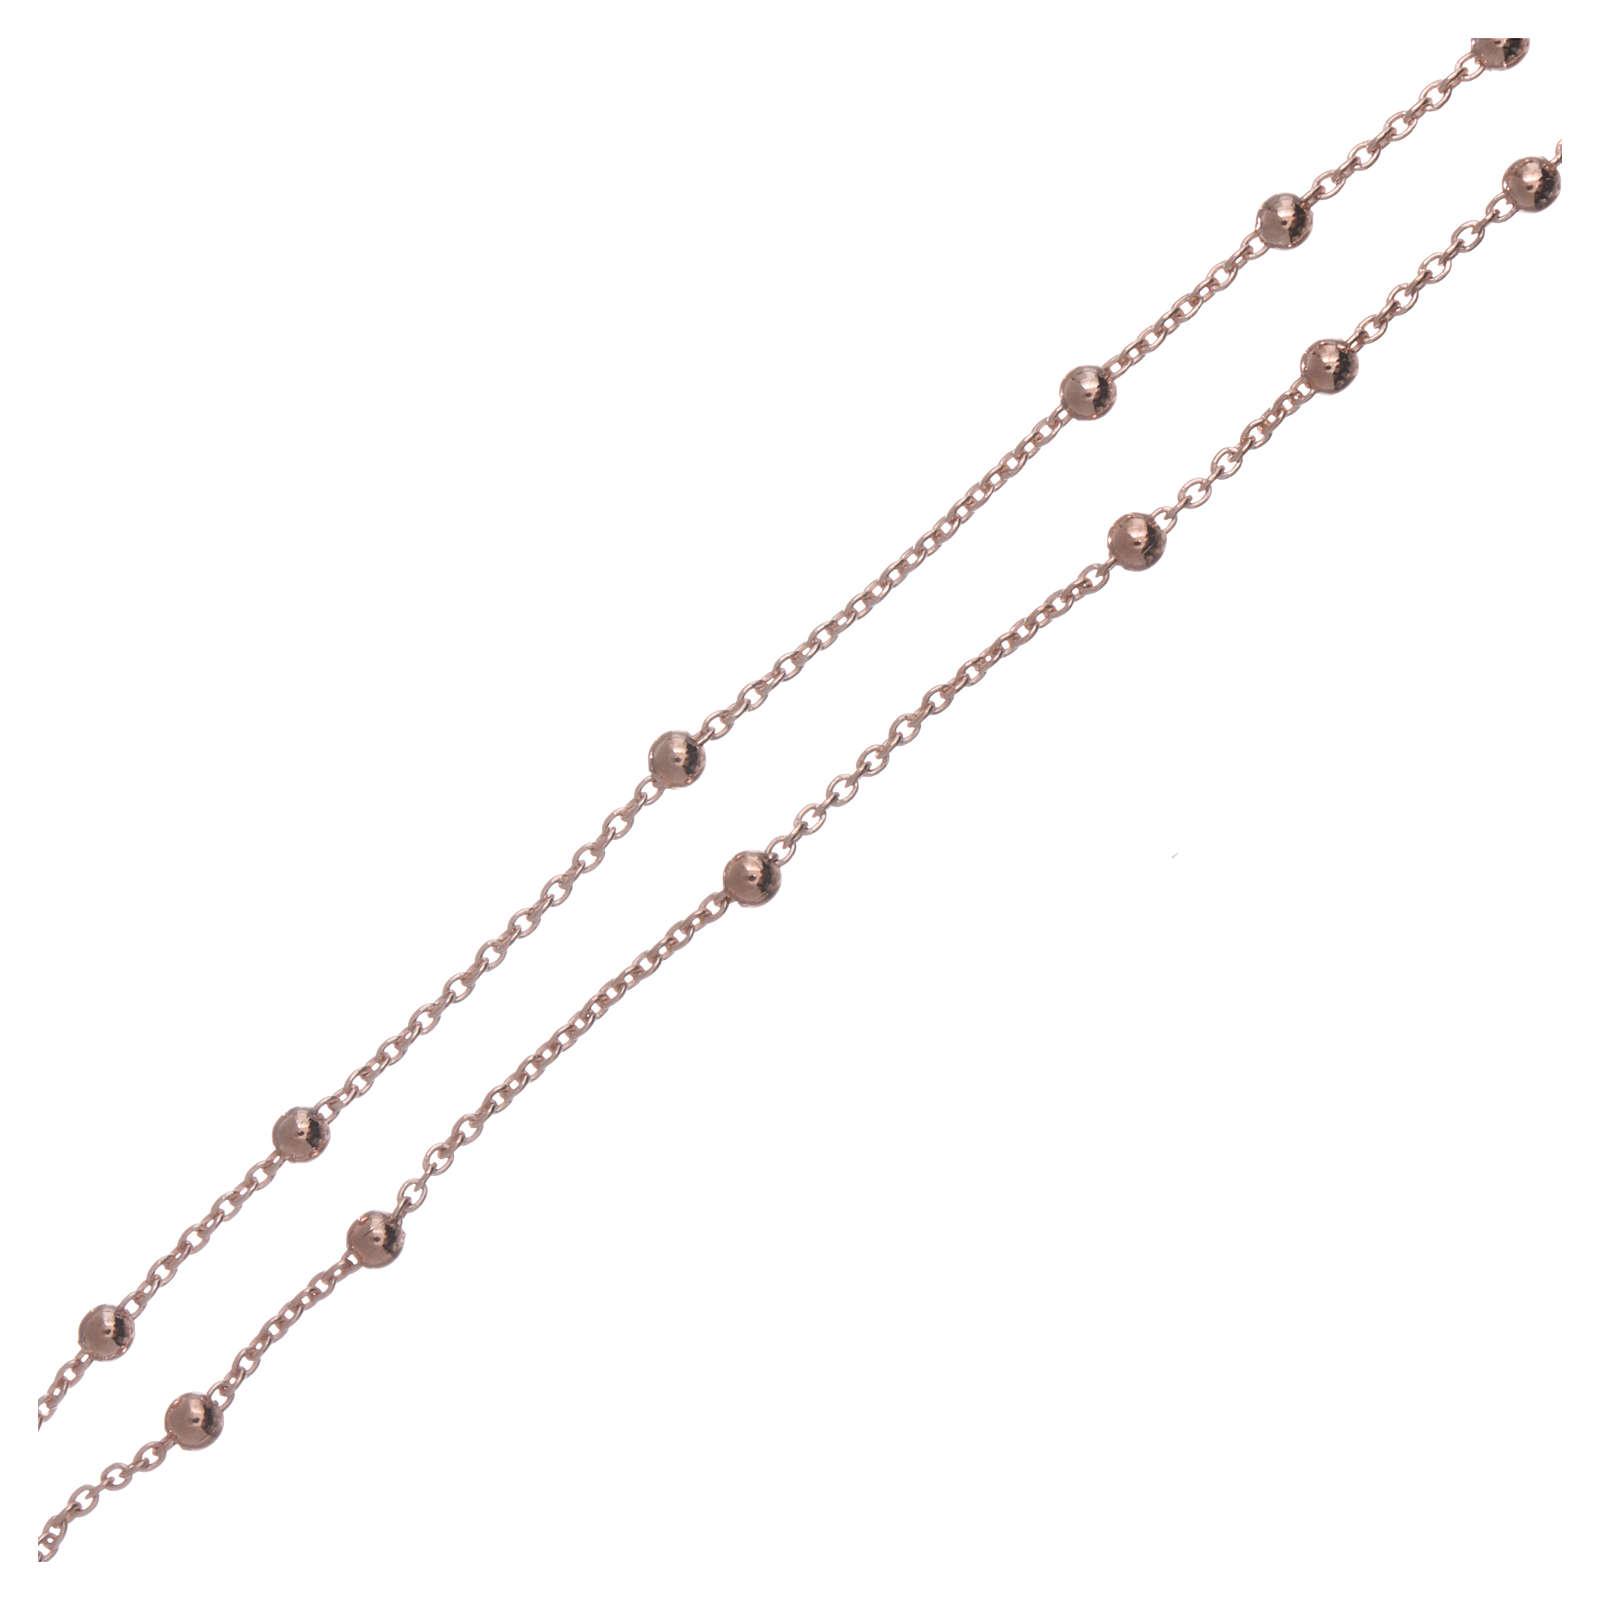 Collier chapelet AMEN diam. 2,5 mm bronze rosé 4